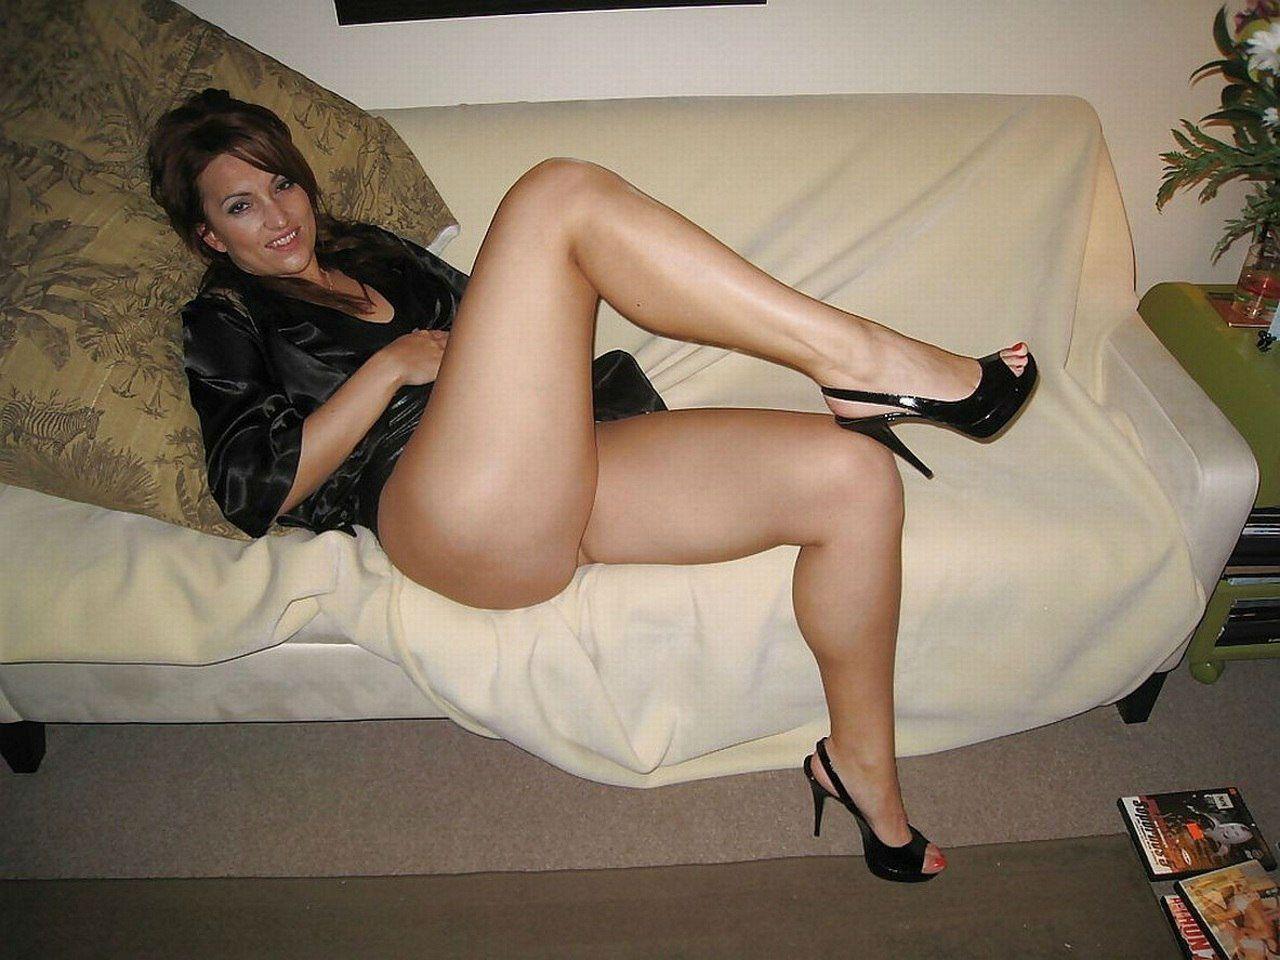 Эро фото красоток бальзаковского, Страстные дамочки в возрасте порно фото бесплатно на 1 фотография